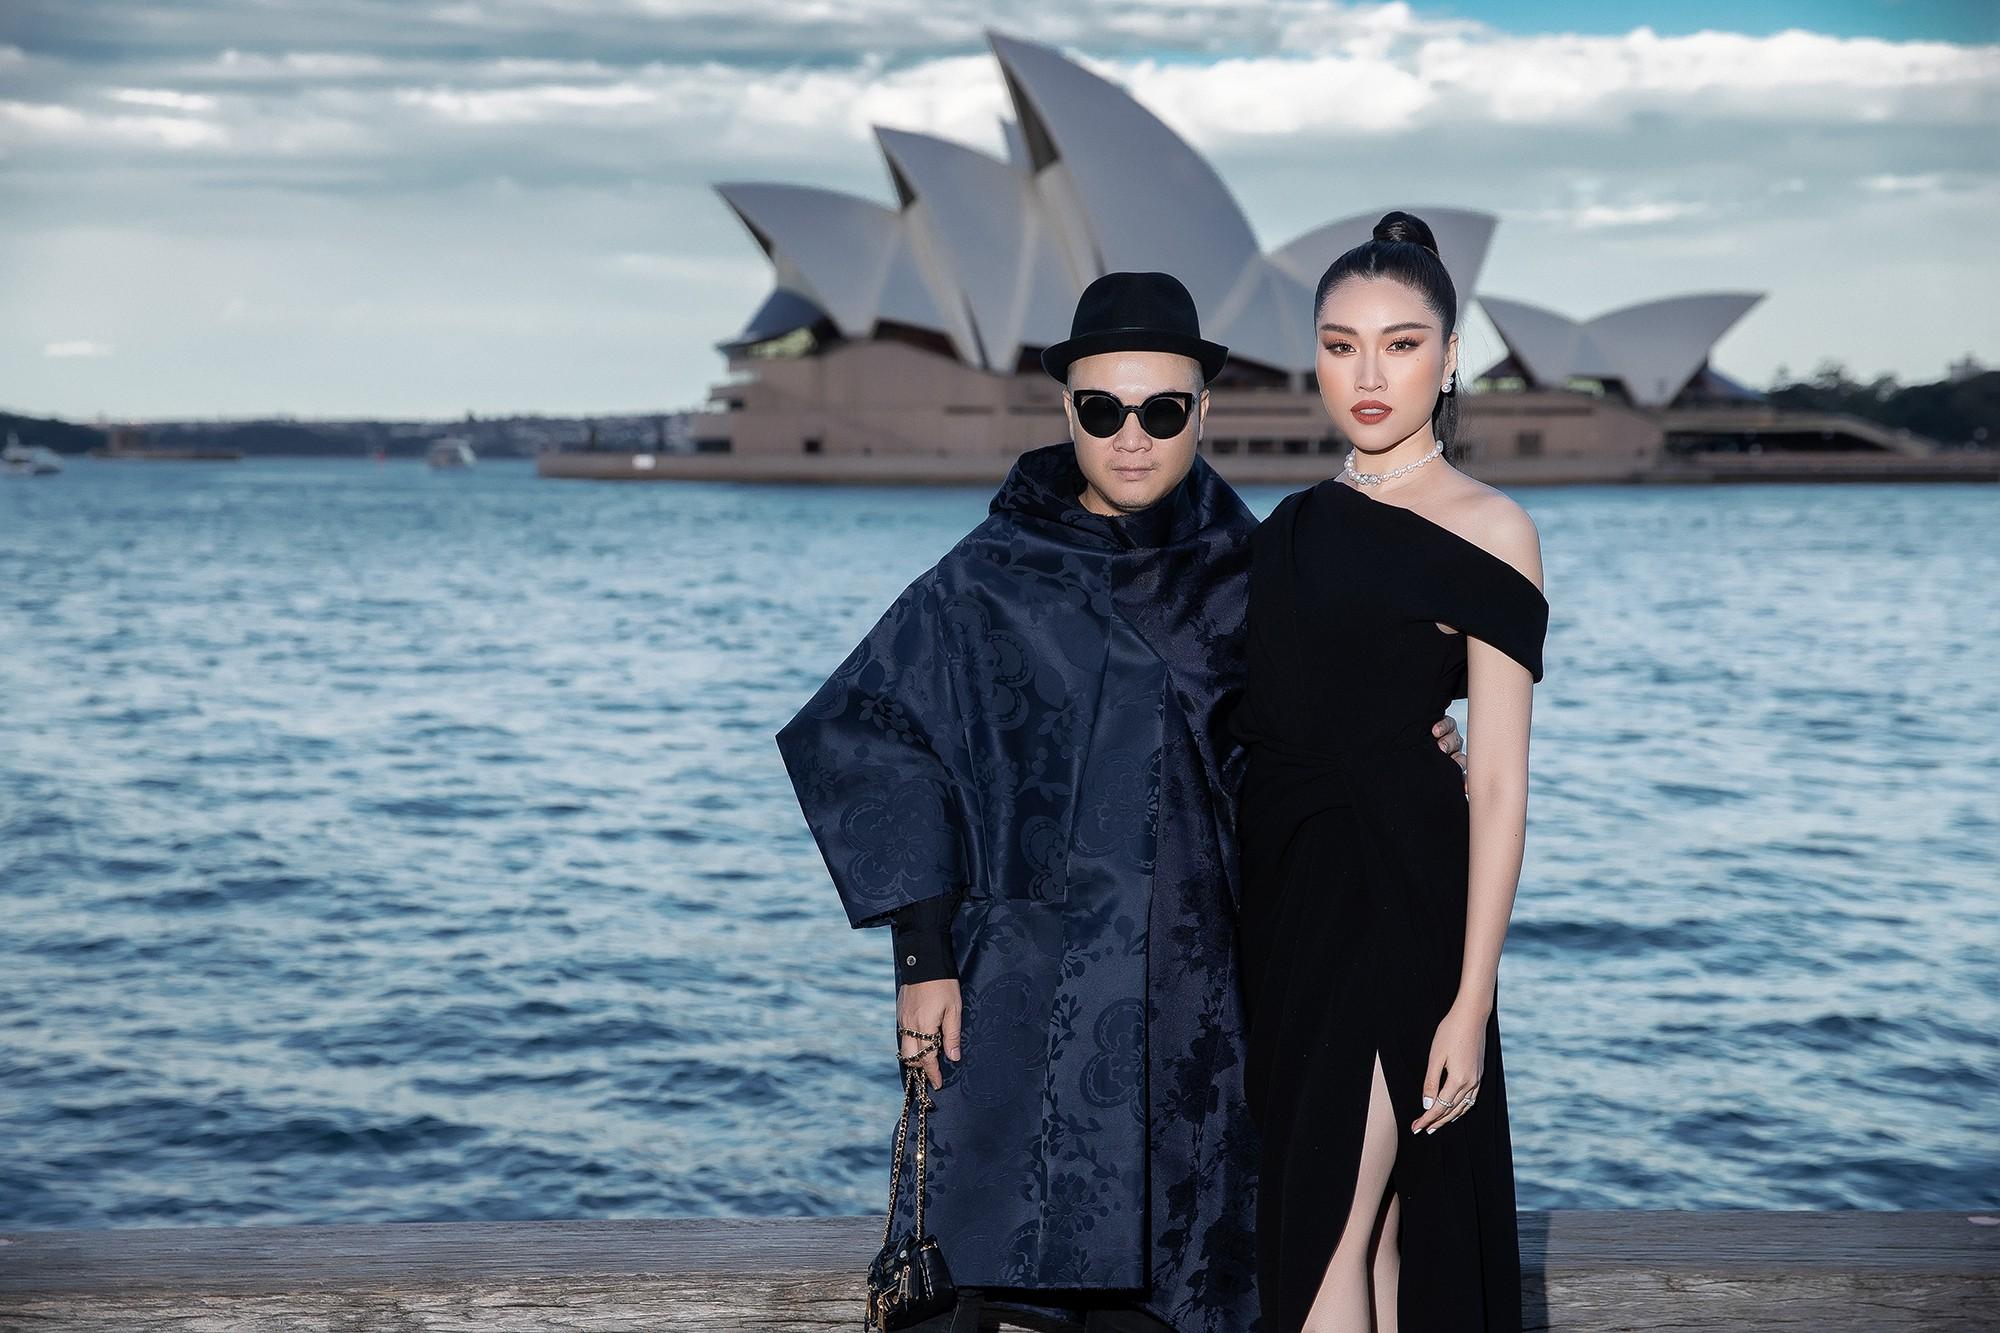 Show mới nhất của Đỗ Mạnh Cường tại Úc: Hà Tăng kín như bưng vẫn đẹp ngút trời, Mỹ Linh và Tiểu Vy trông đều khác lạ - Ảnh 12.